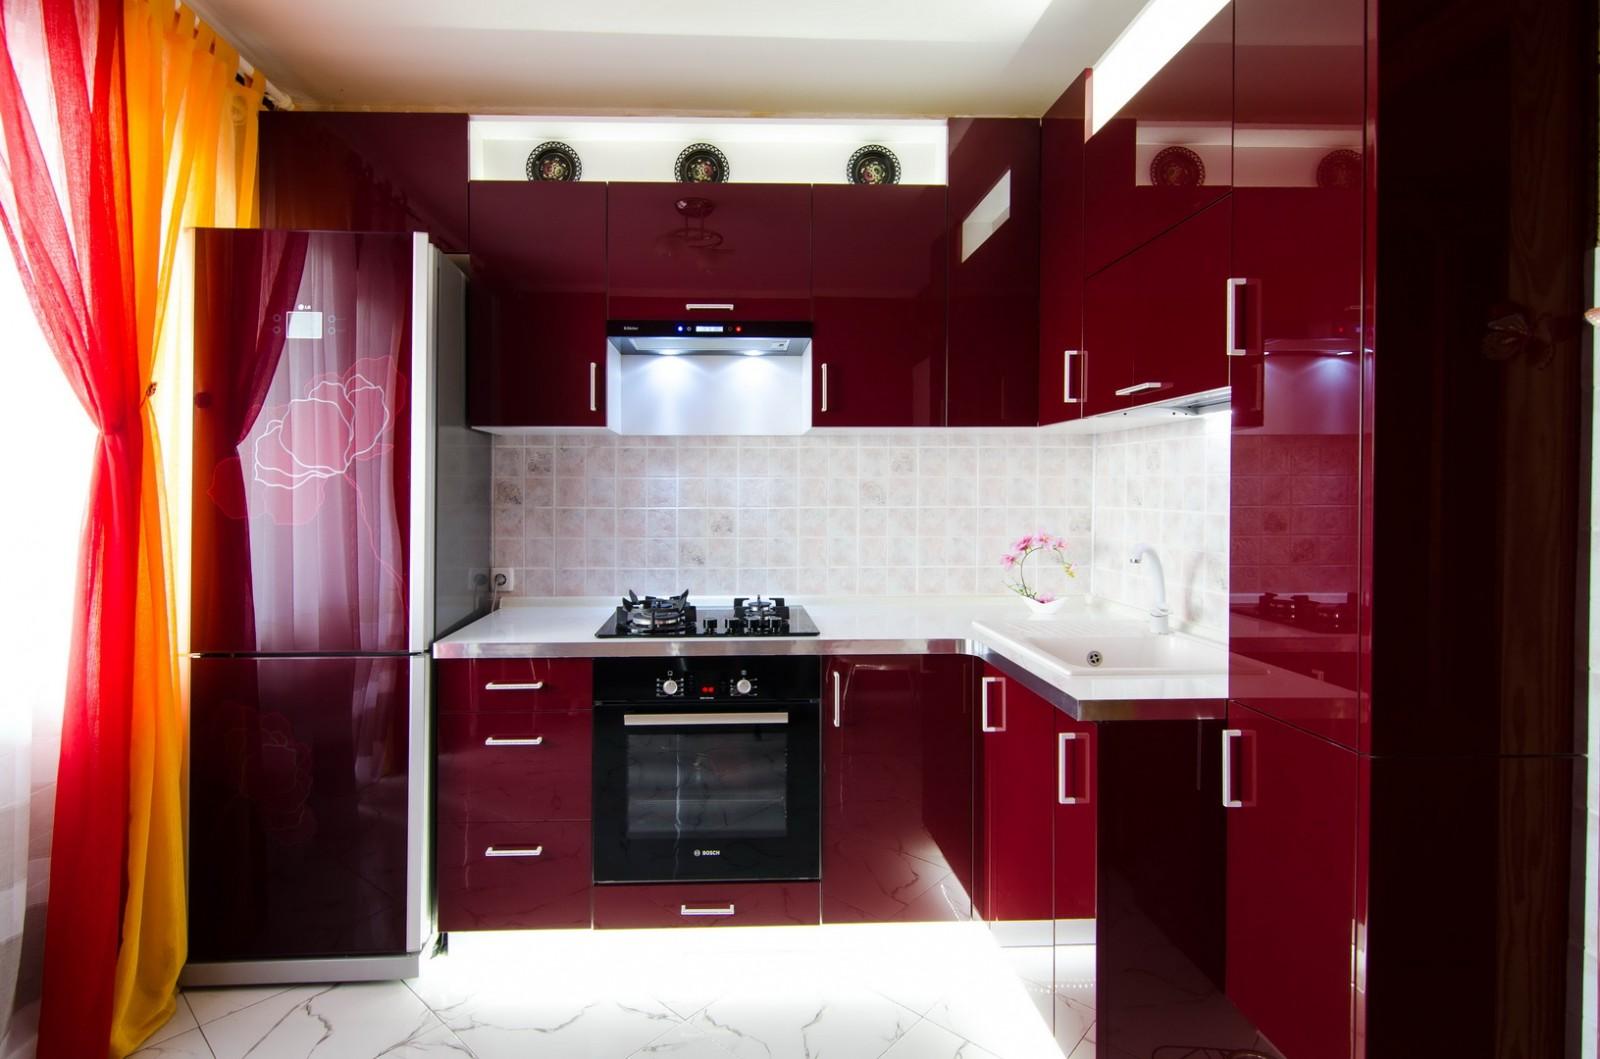 резиночек новое, кухня в вишневом цвете дизайн фото бывший губернский центр